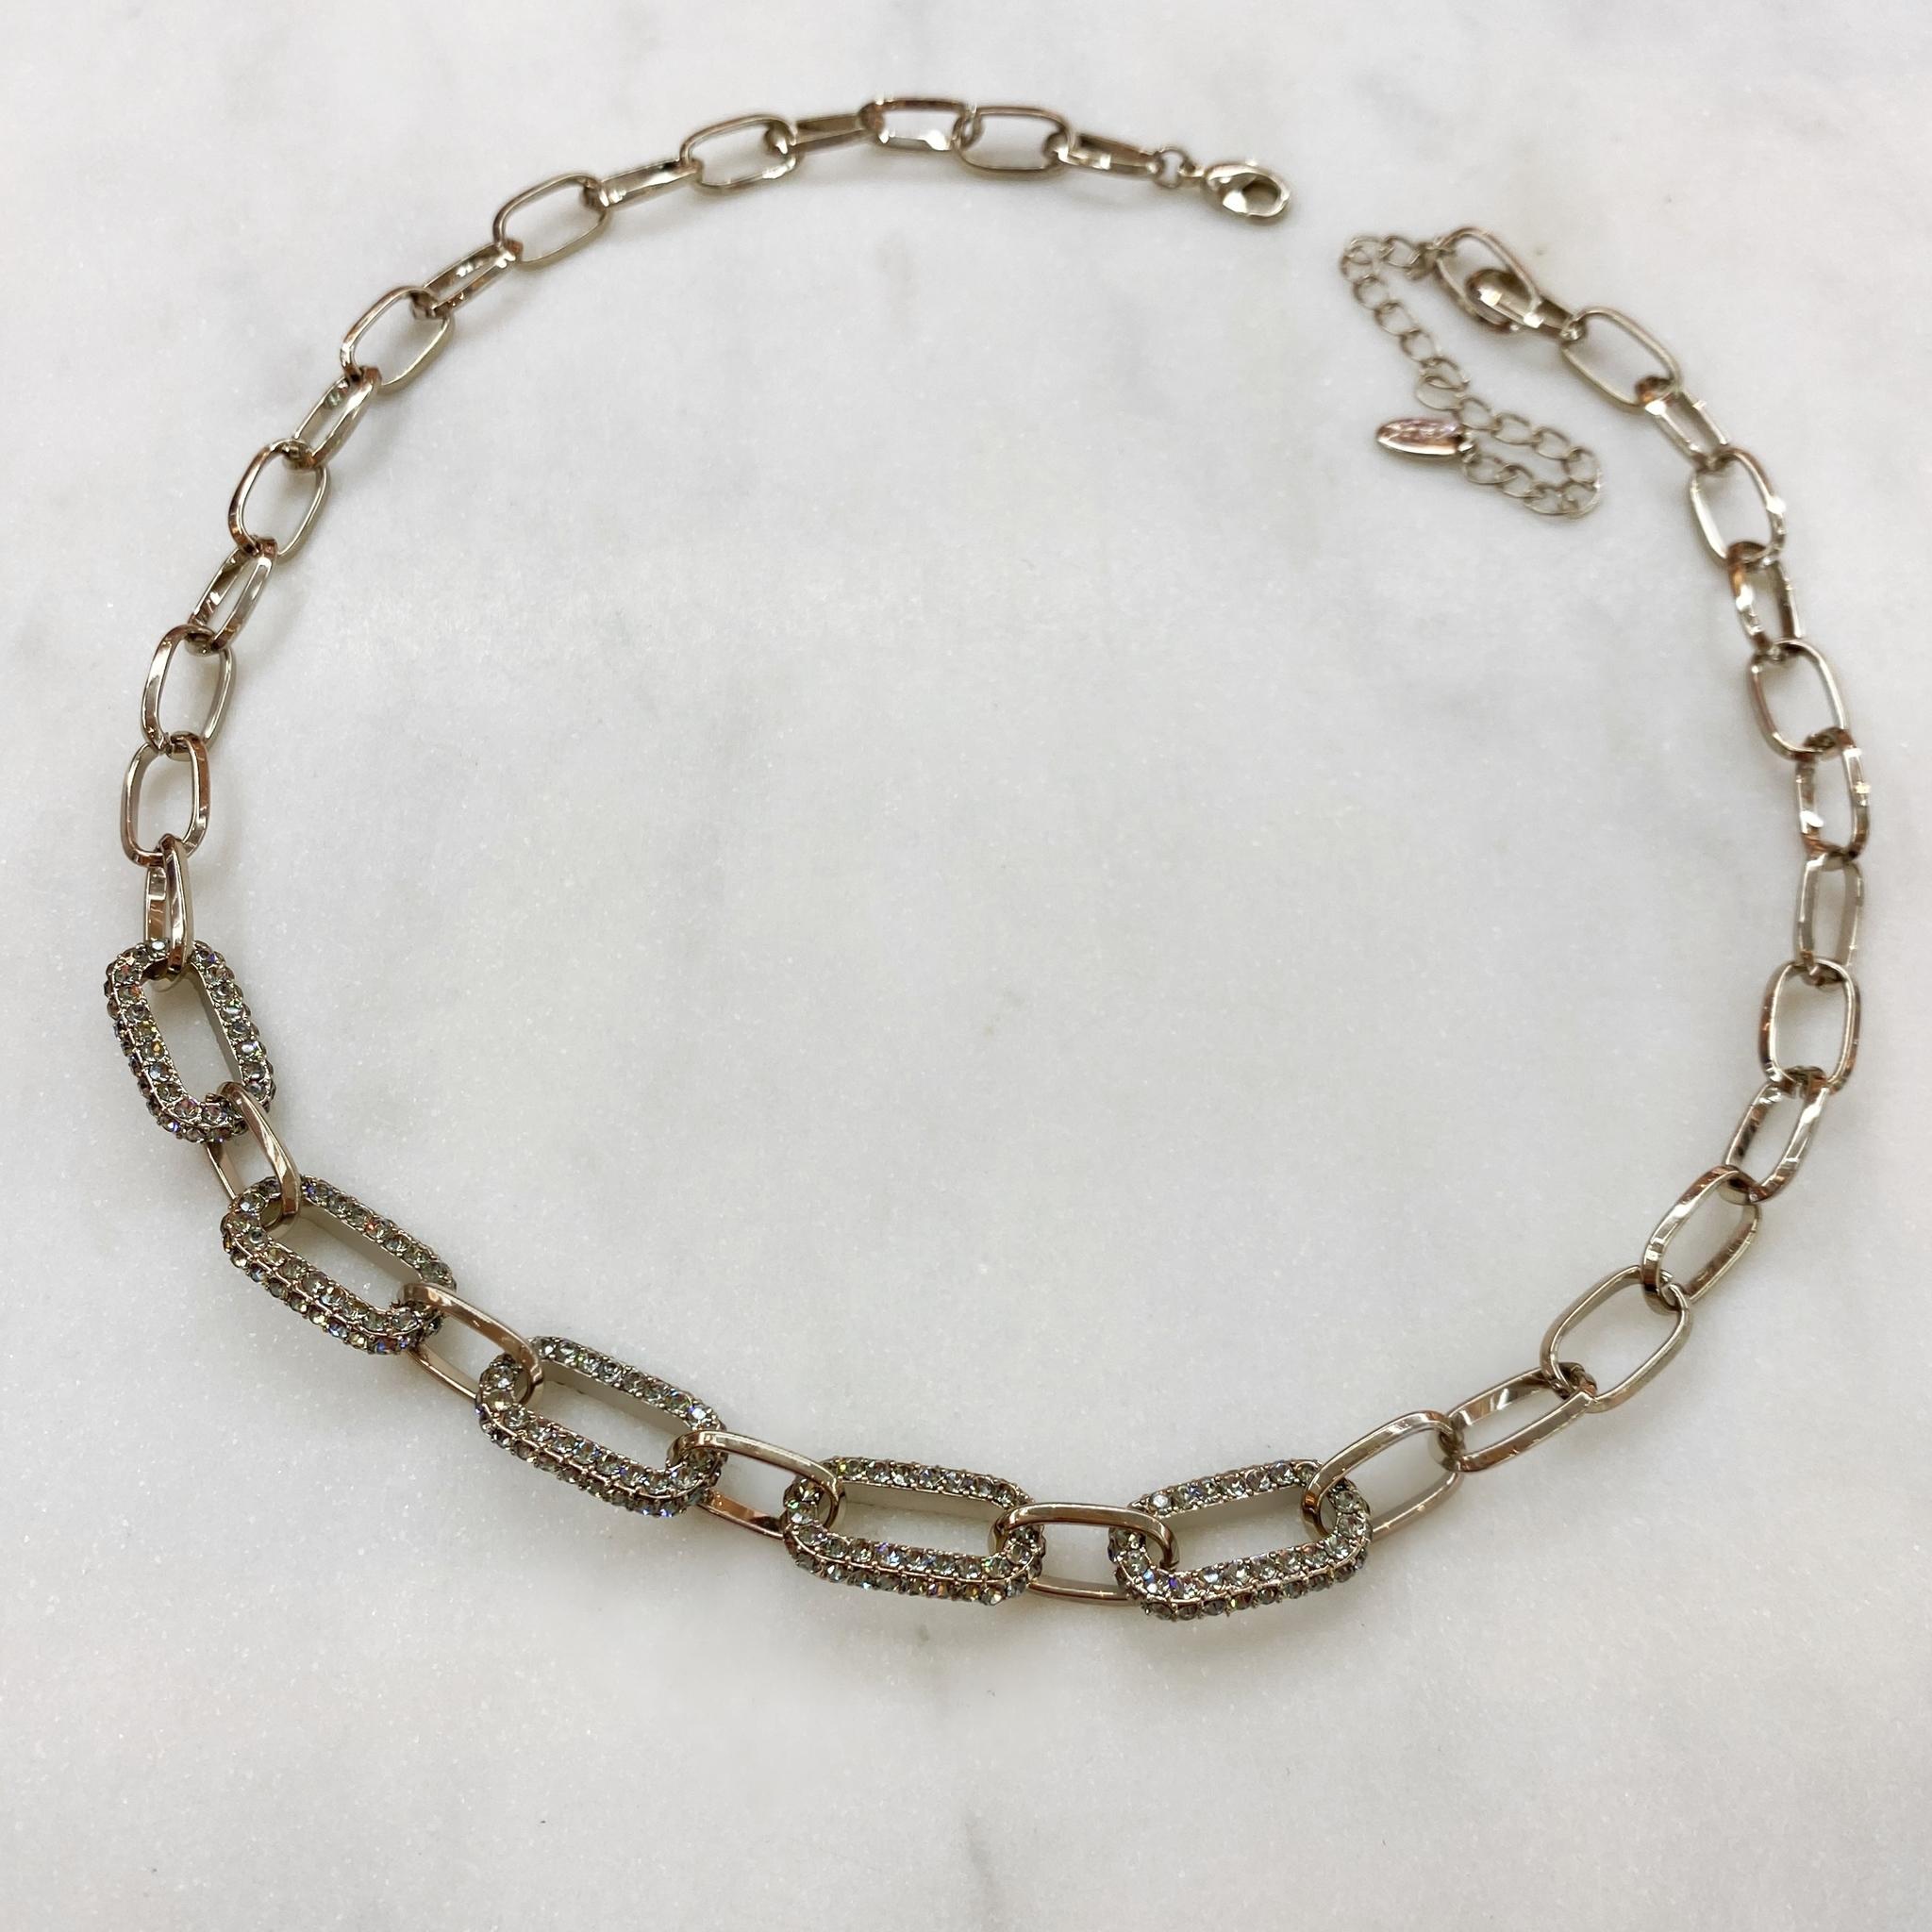 Колье-цепь с овальными звеньями с кристаллами Swarovski (брасс)